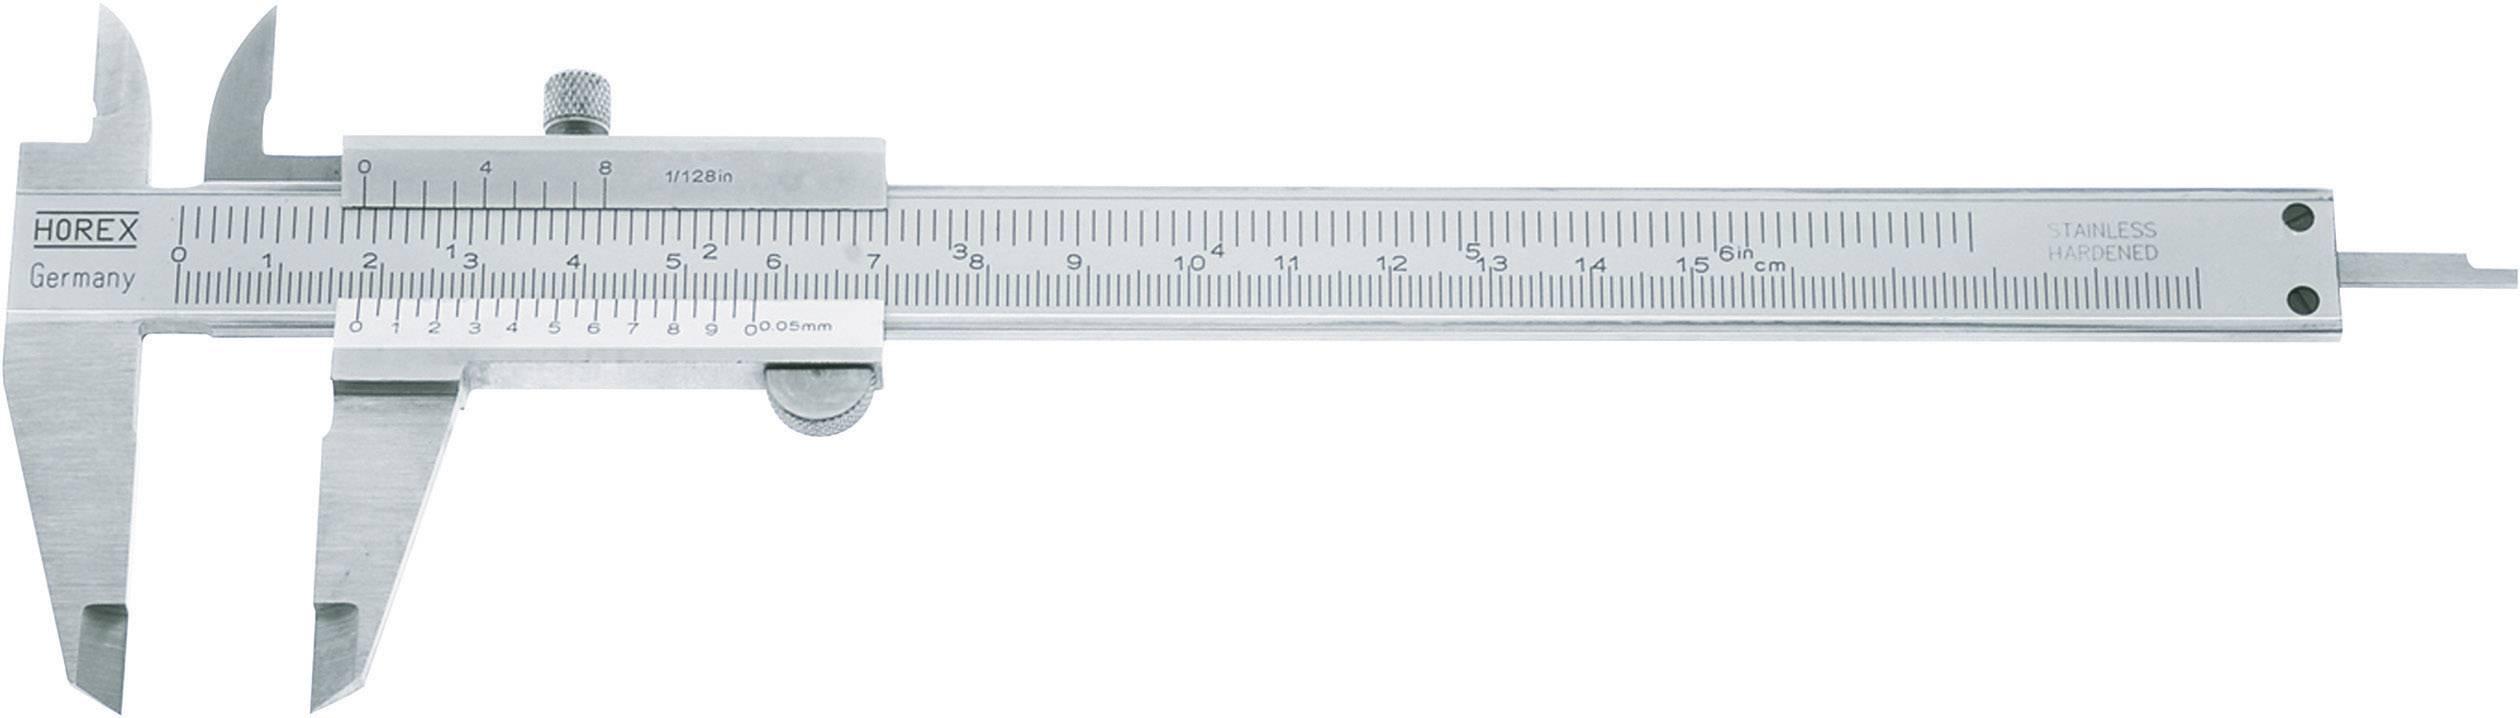 Kapesní posuvné měřítko Horex 2226522, 300 mm